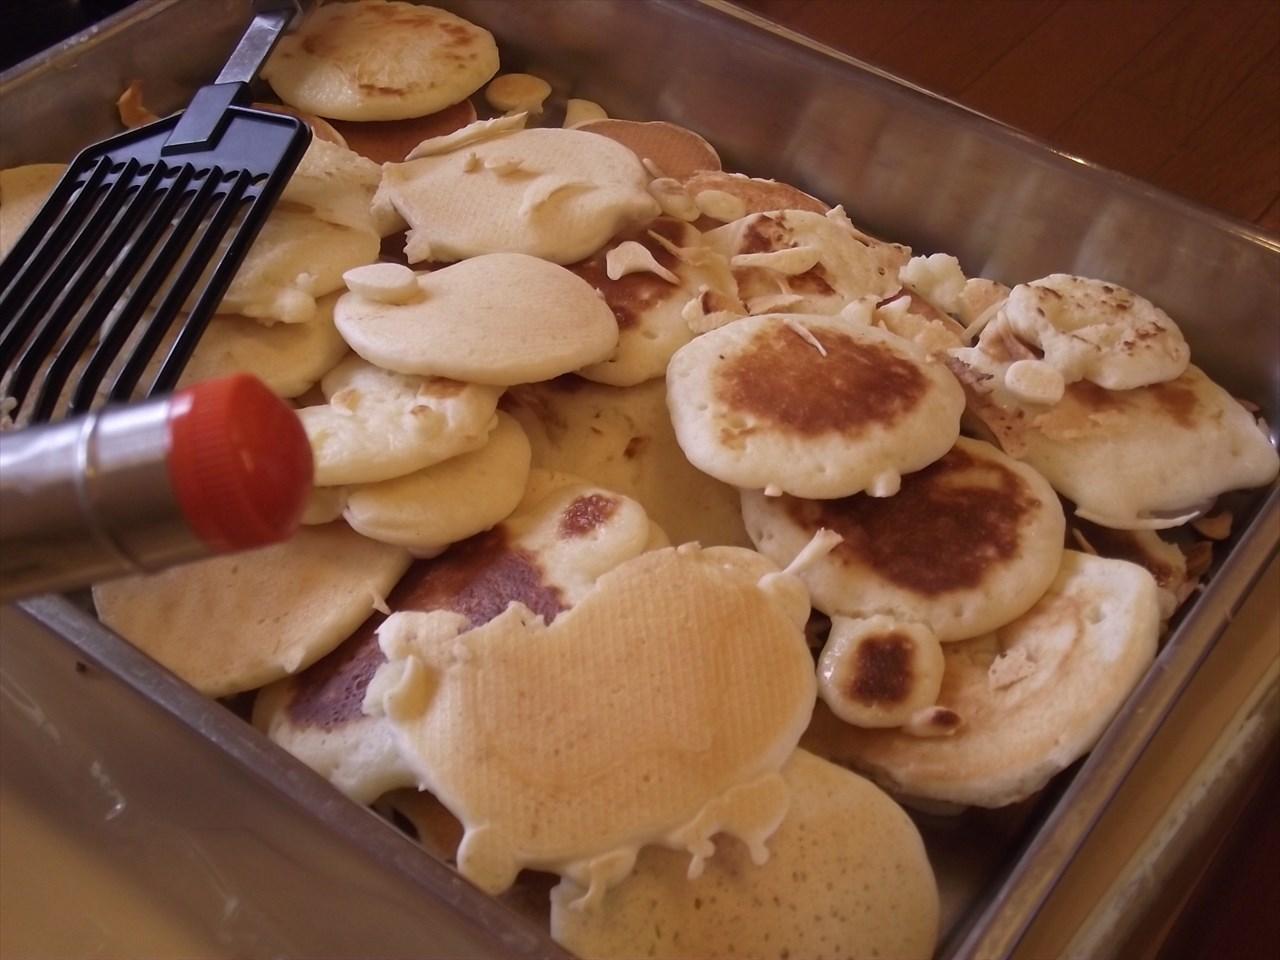 個性的な形のパンケーキも・・・・